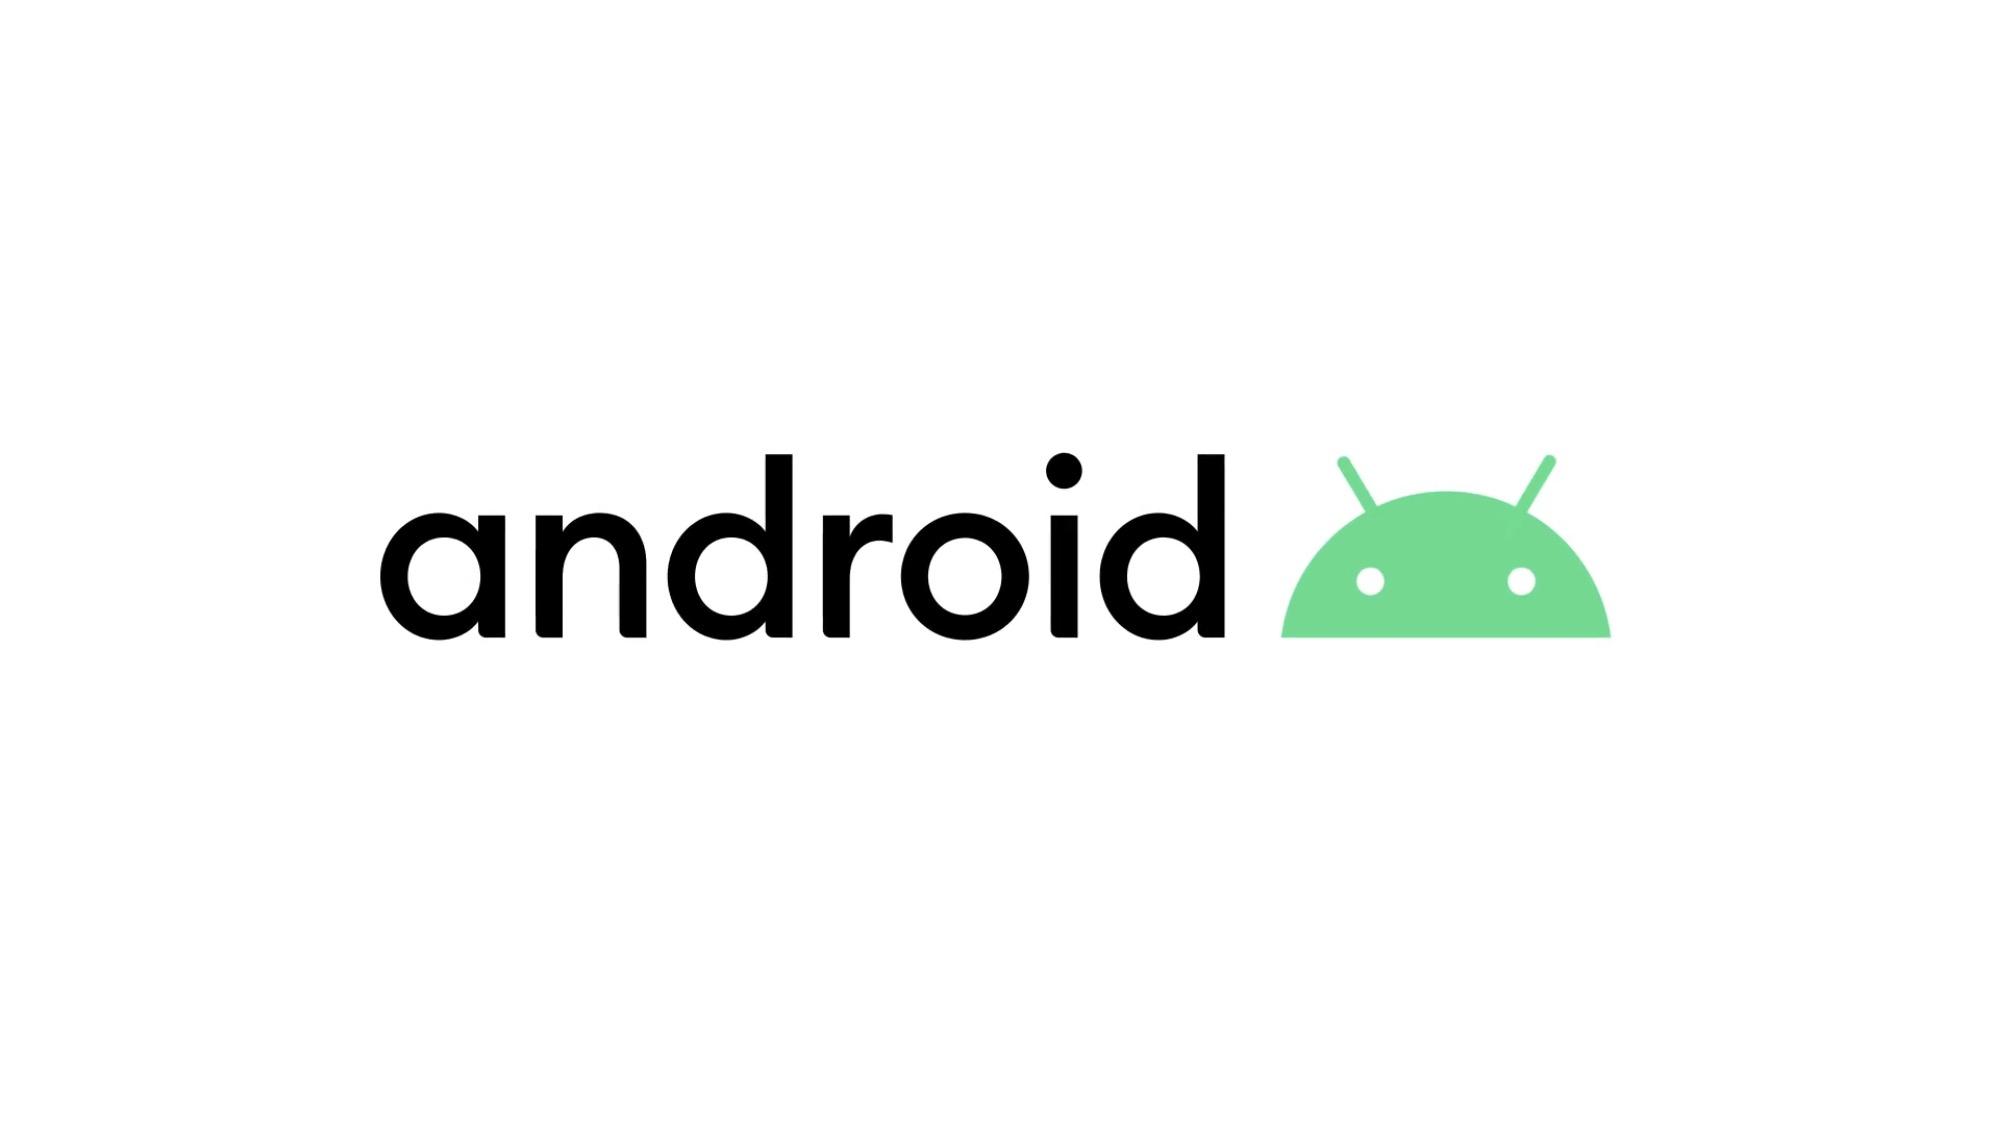 速報:「Android 10」が配信開始。ダークモードや戻るボタン廃止の新操作が追加